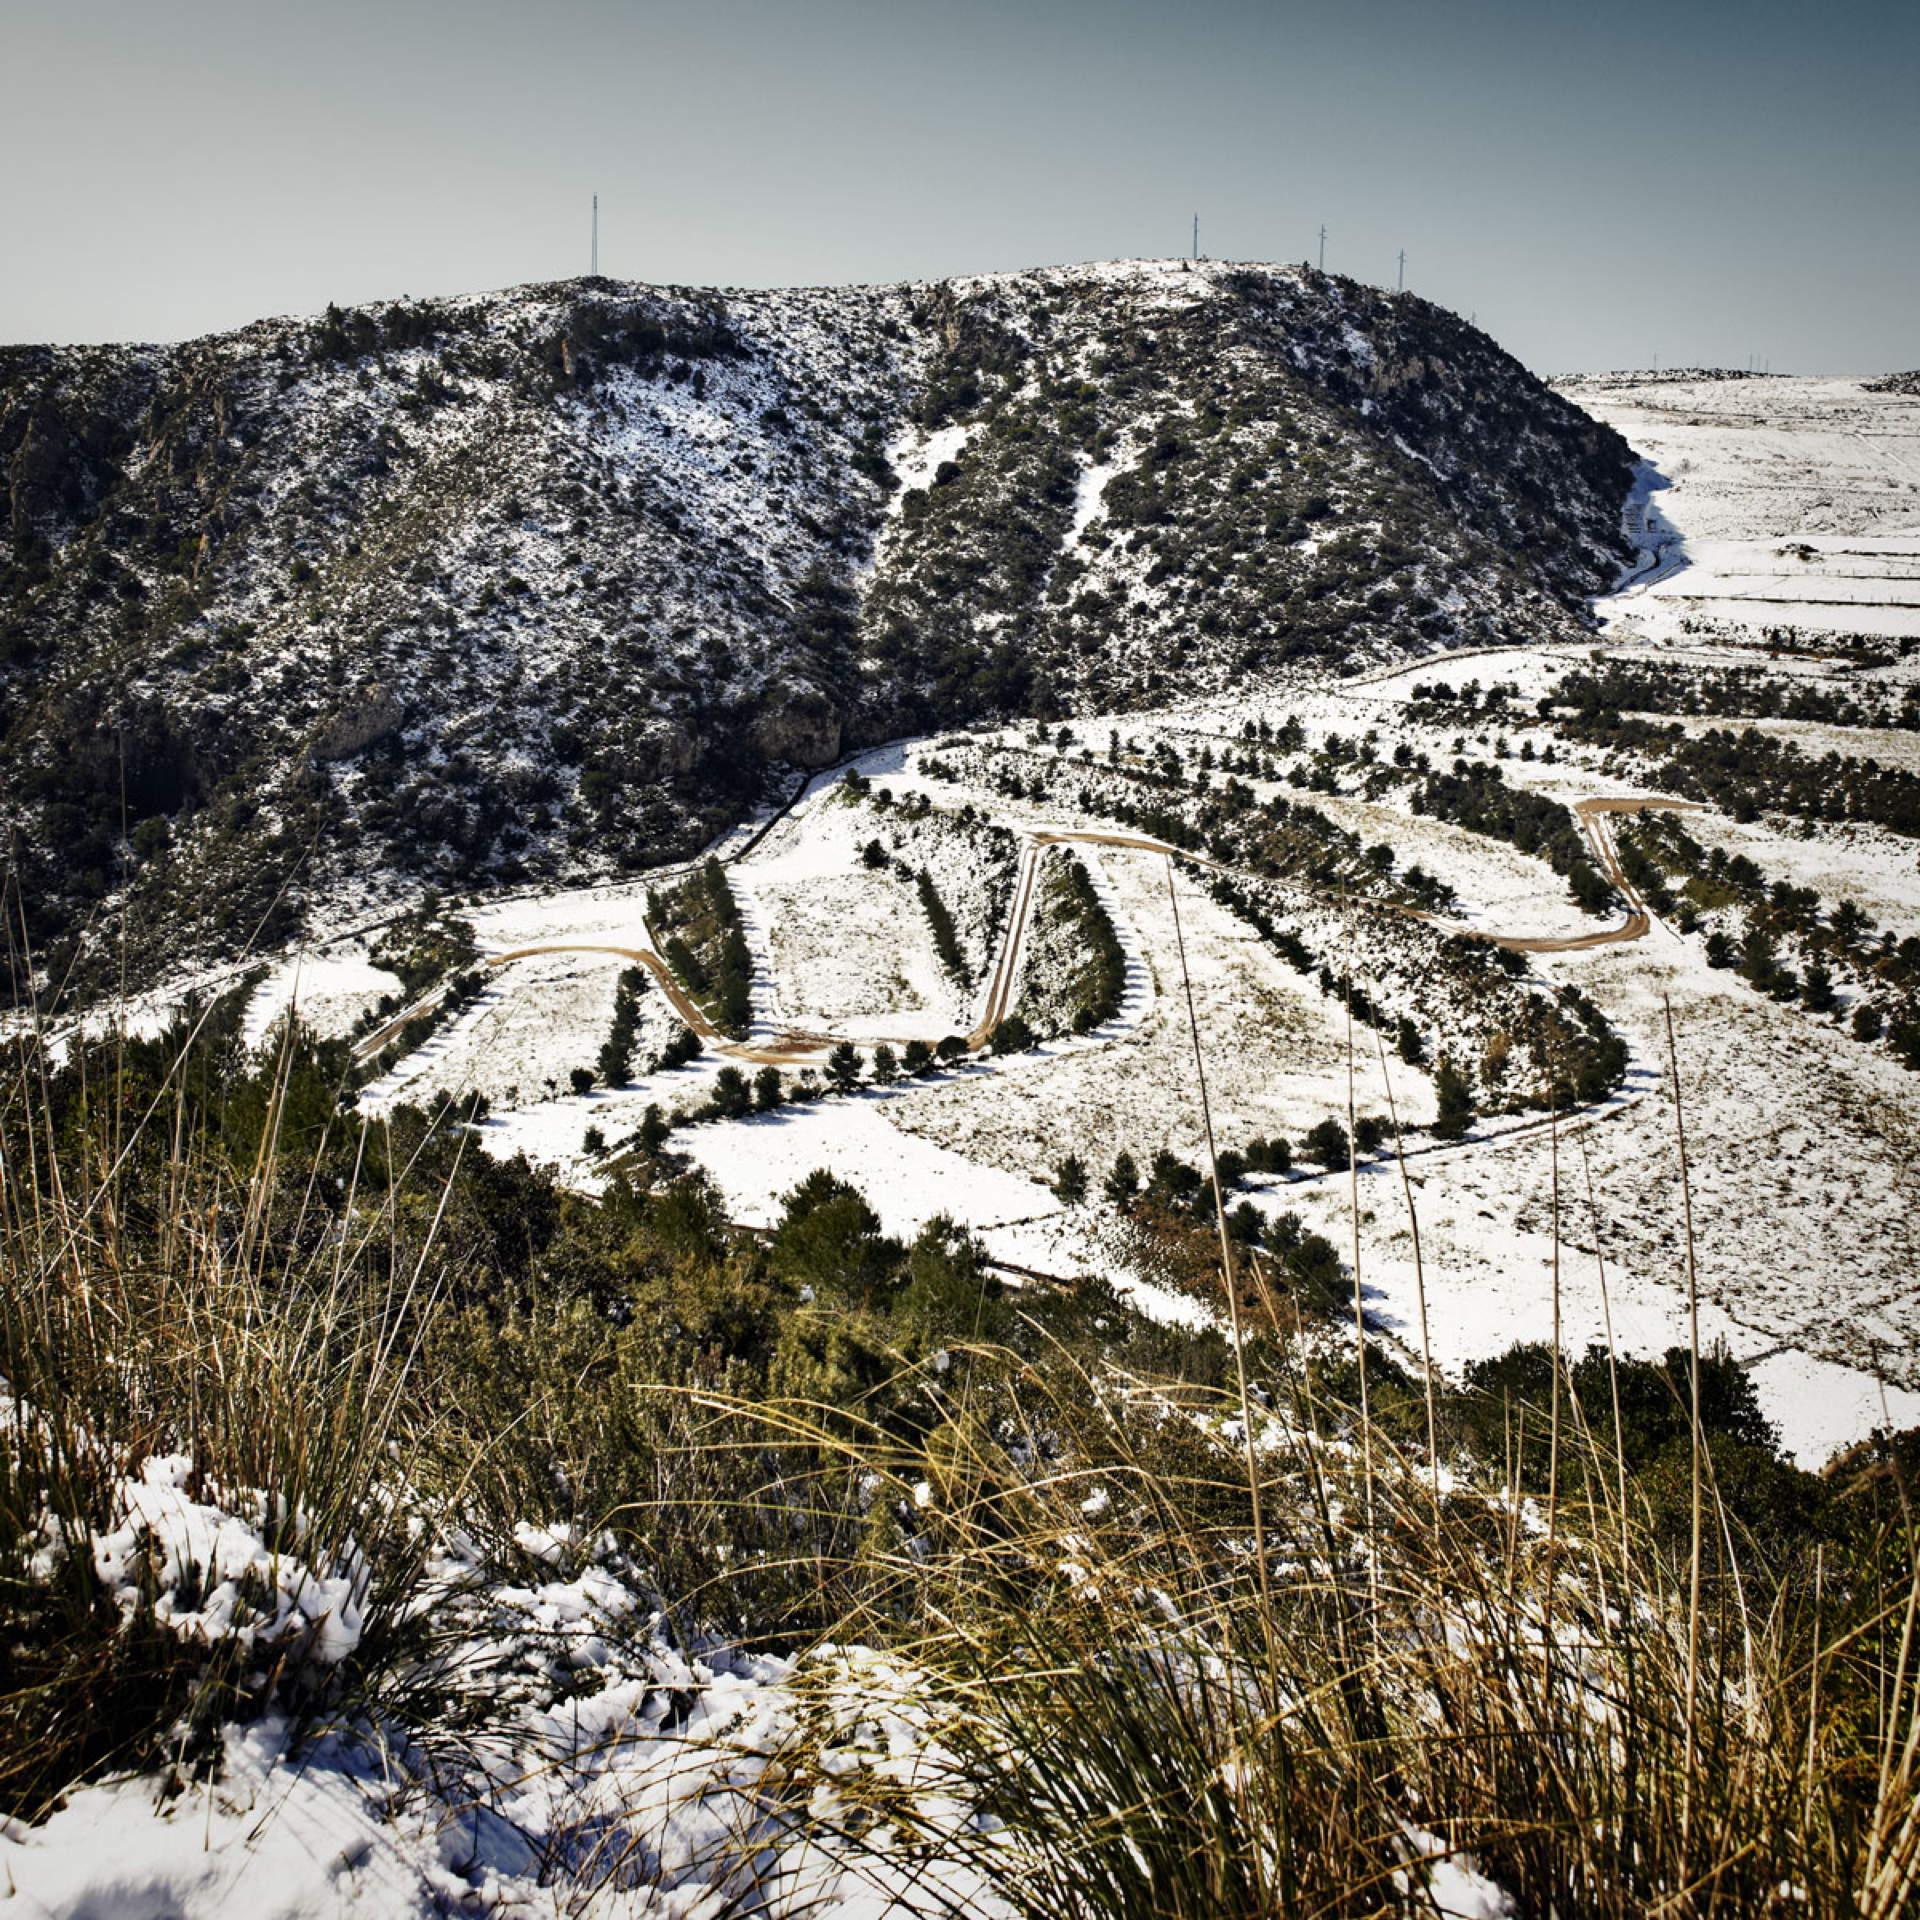 Batlle i Roig: Landschaftsgestaltung der Deponie Garraf